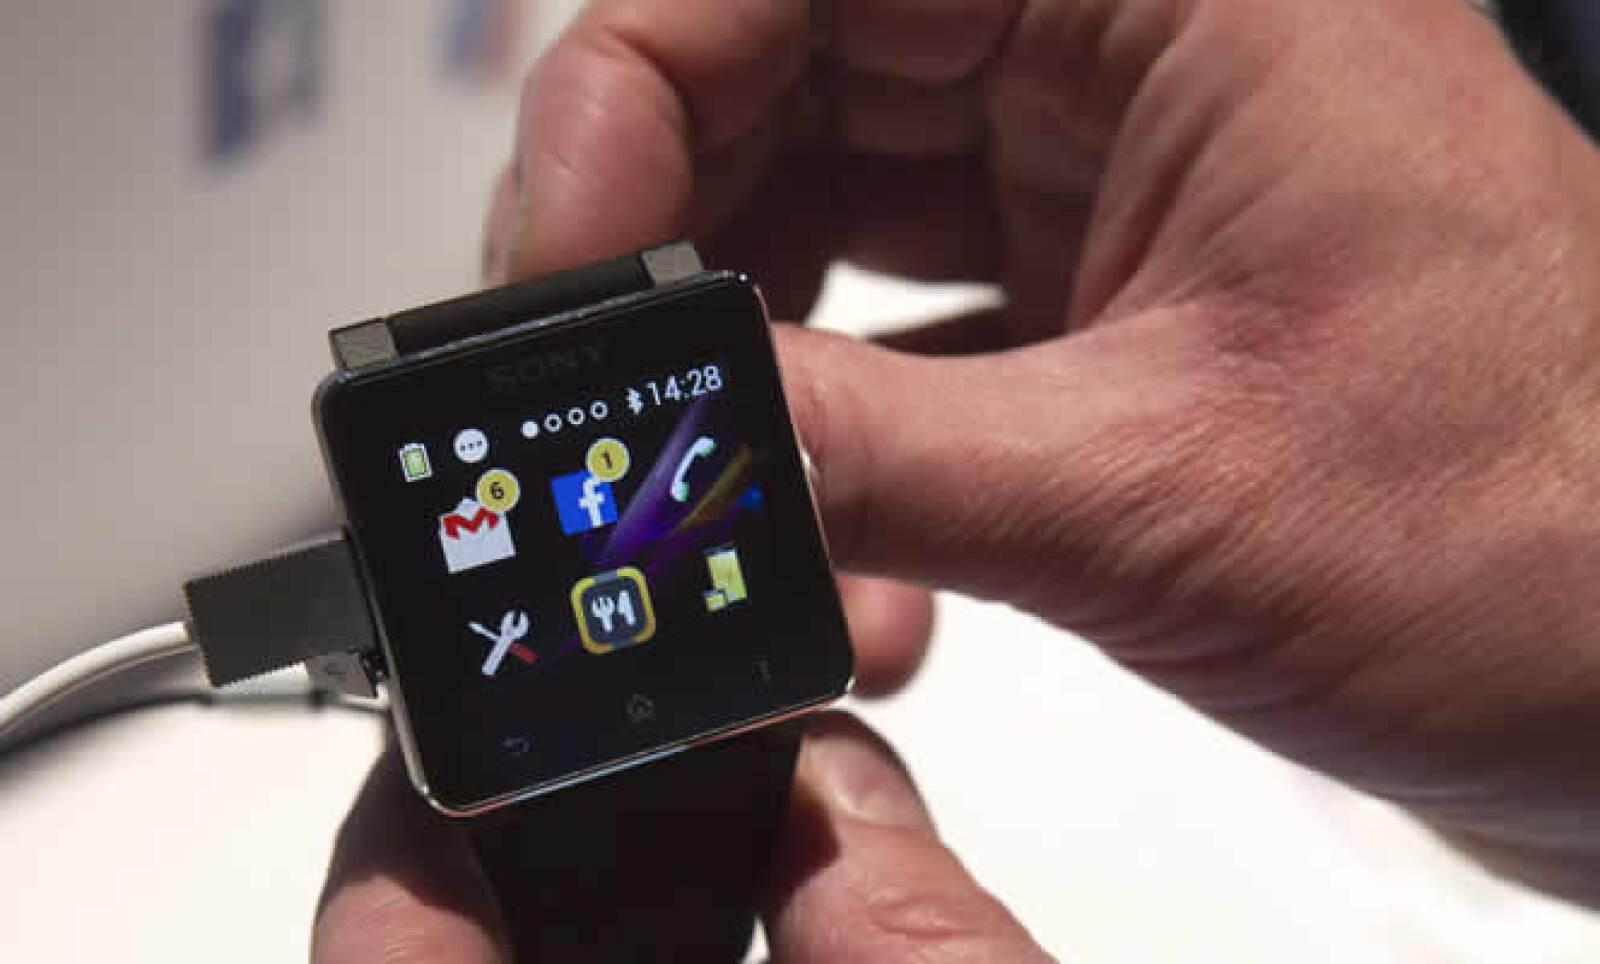 Sony presentó su SmartWatch2. El reloj tiene un costo de 199.00 dólares.